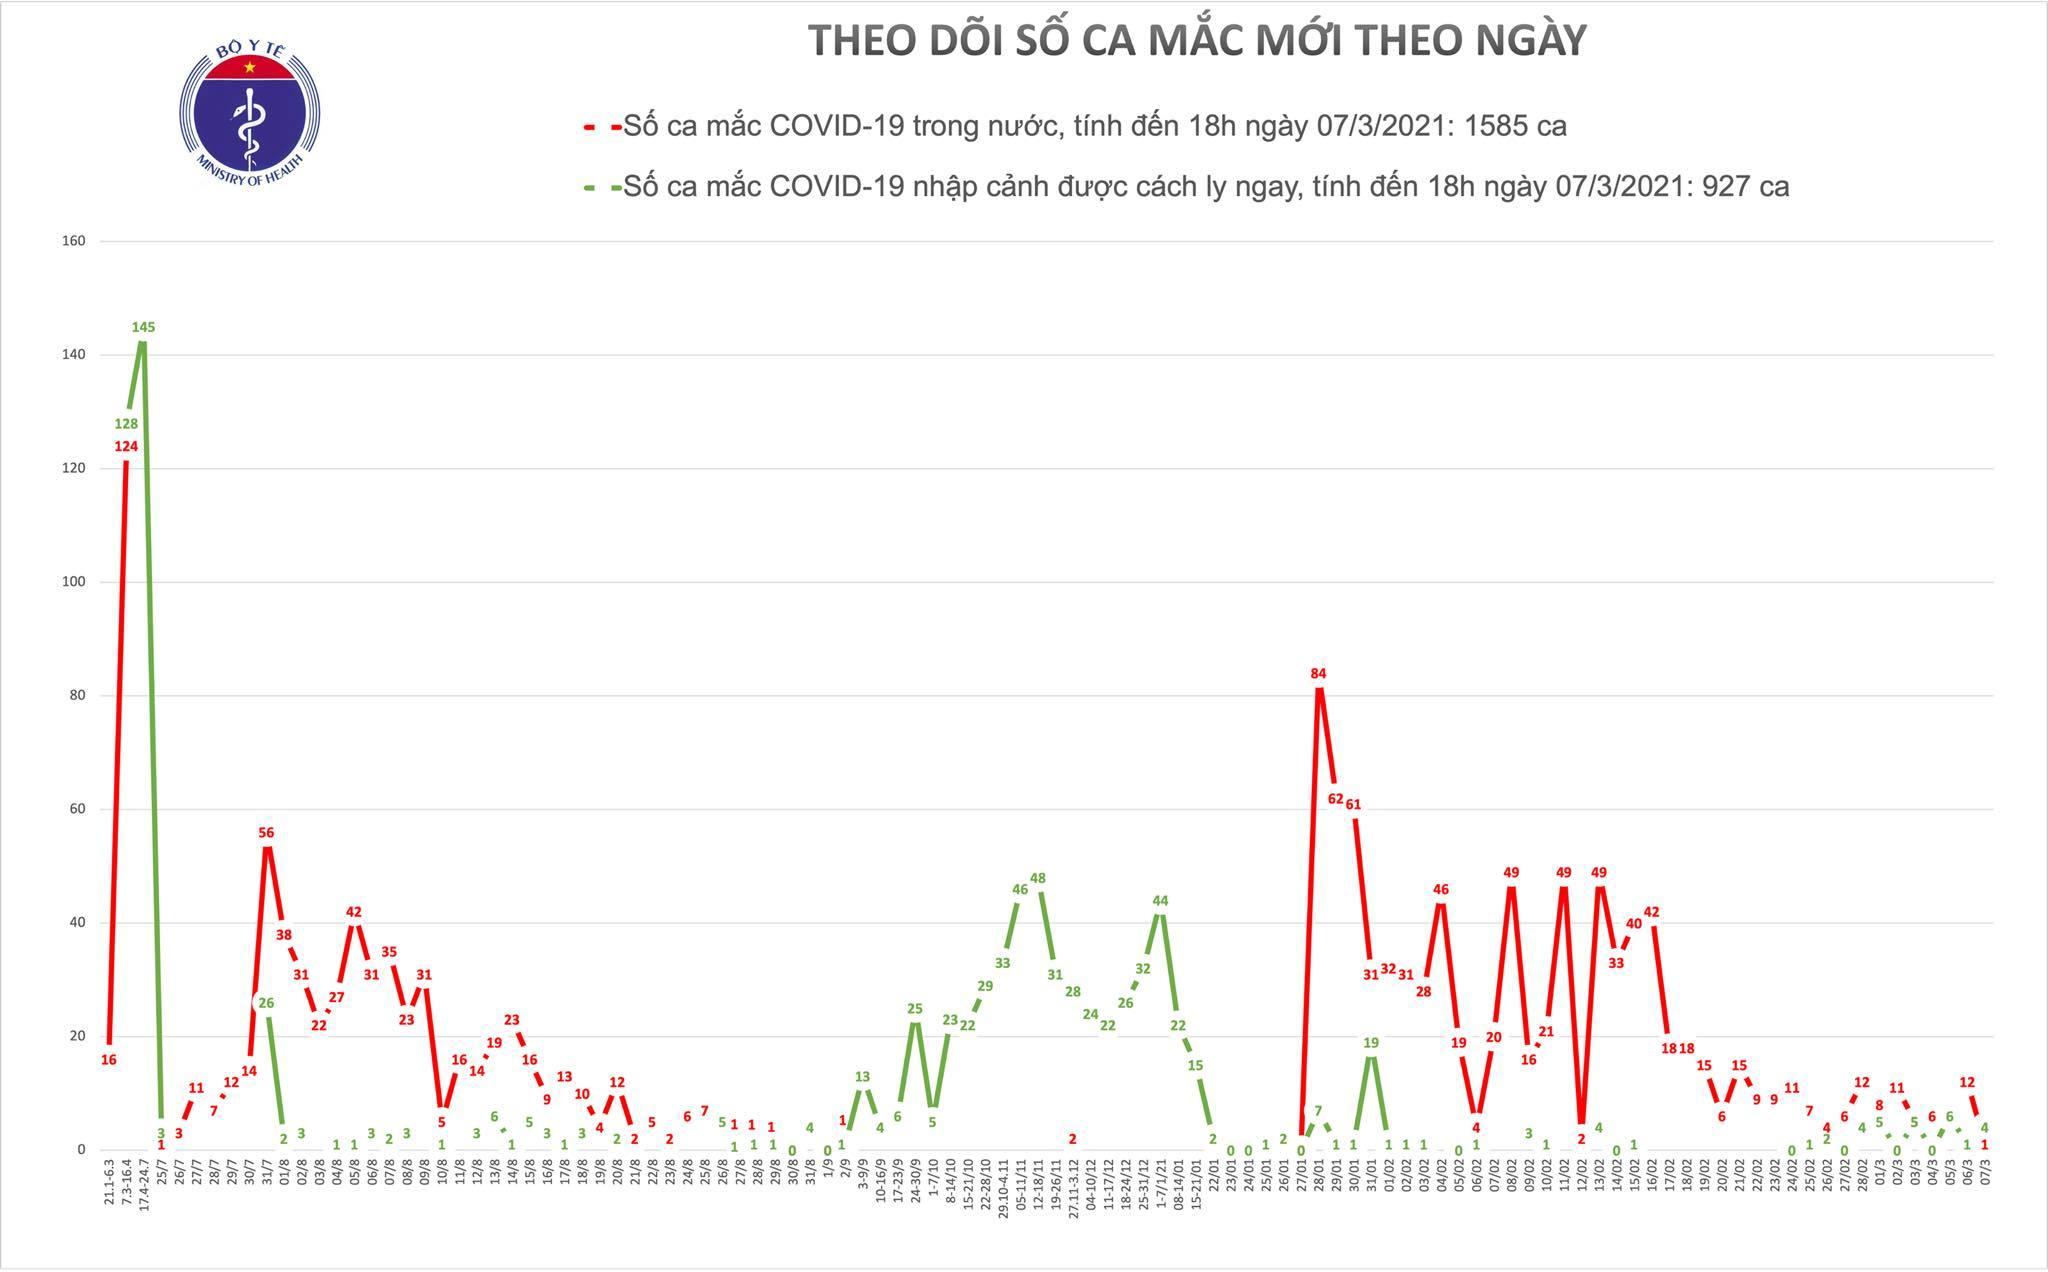 Thêm 3 ca mắc Covid-19 mới, Hải Dương ghi nhận ca bệnh ở Tứ Kỳ